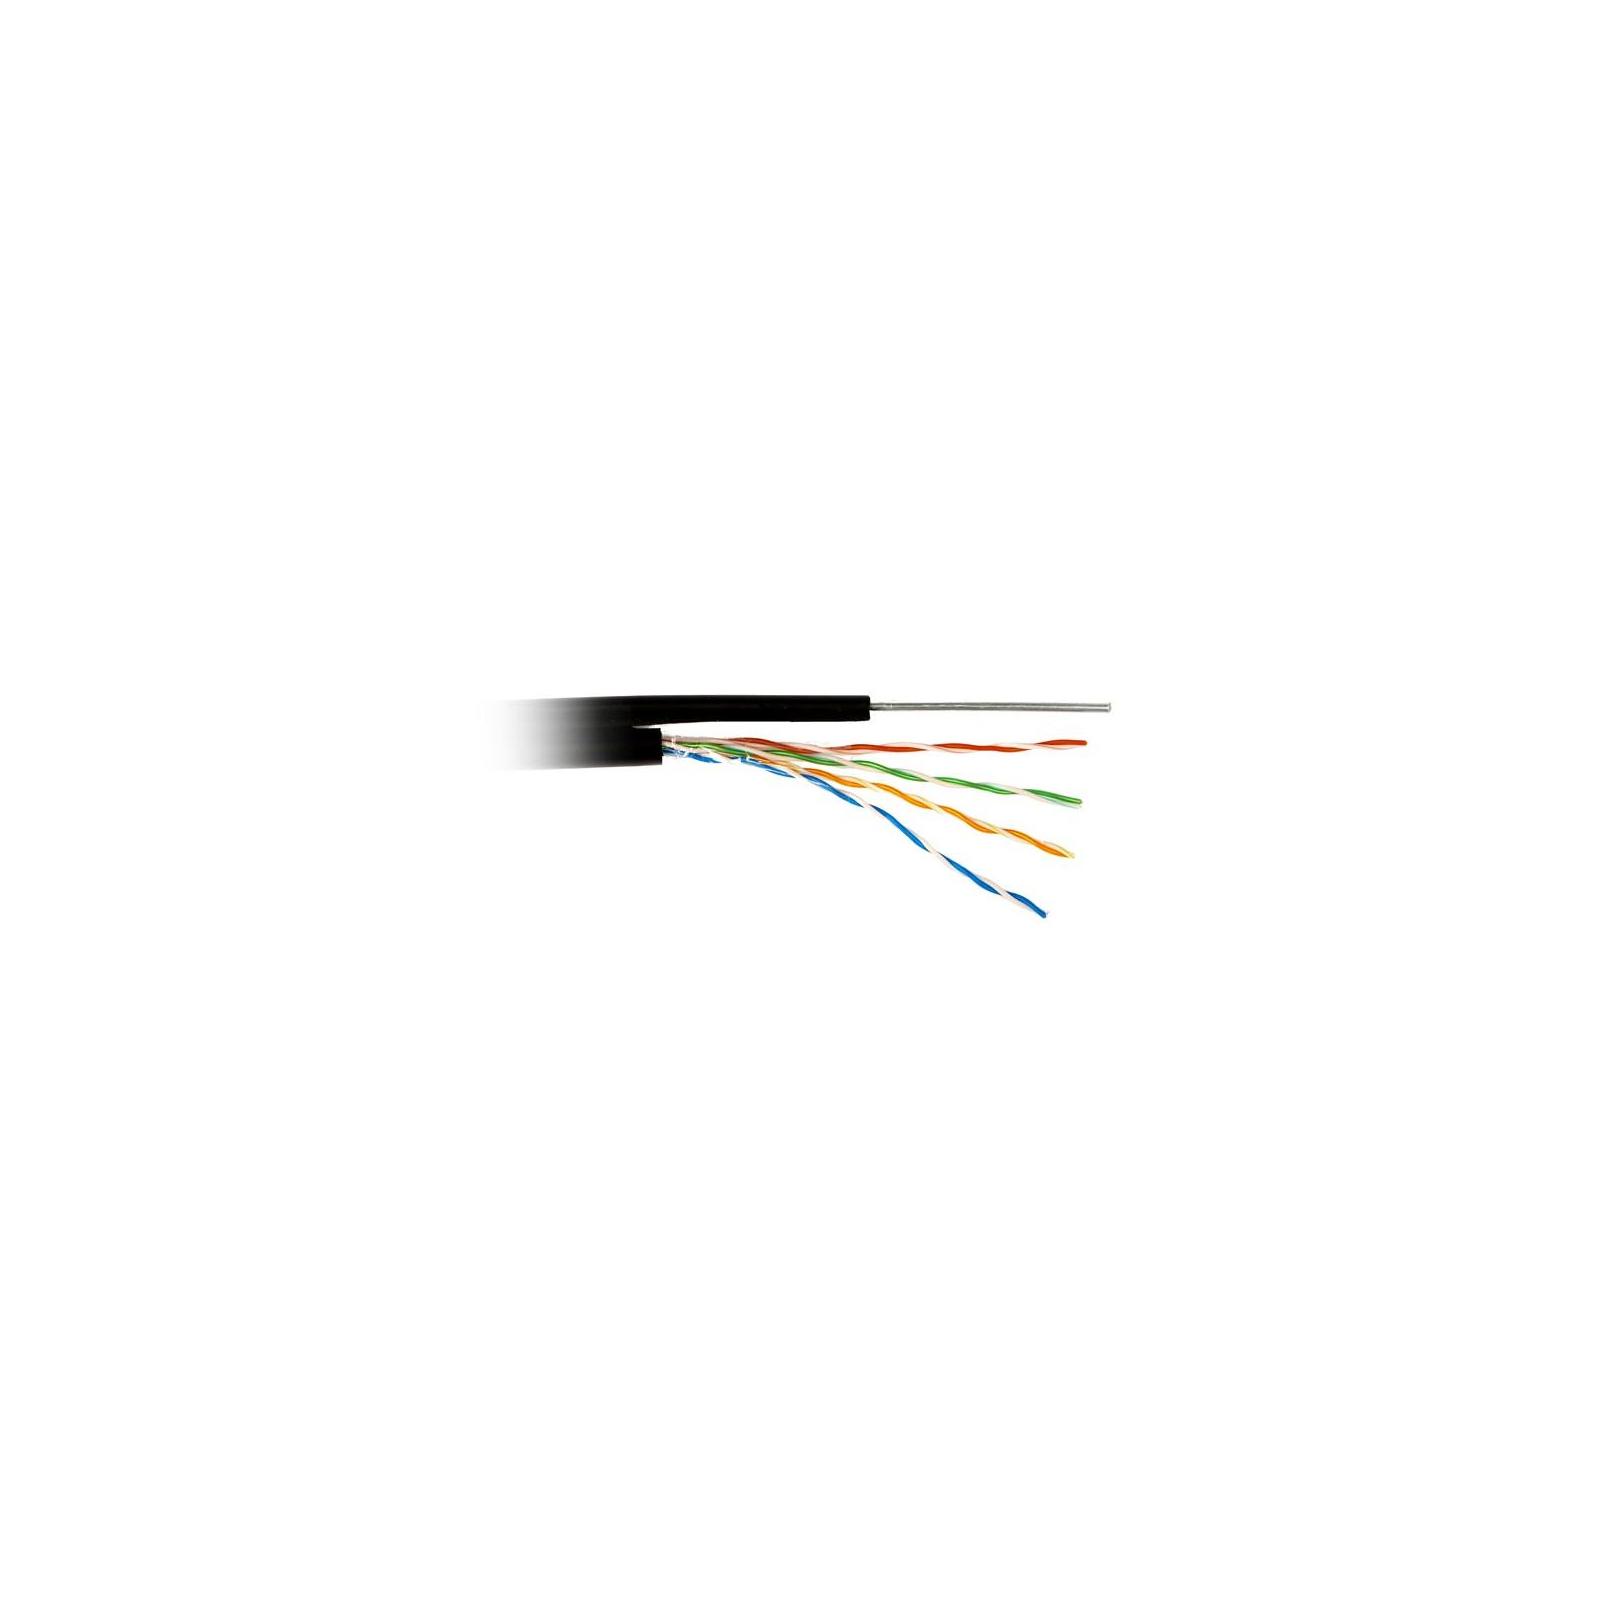 Кабель сетевой FTP 305м cat.5e Standart CCA, для внешней прокладки с тросом Atcom (13760)